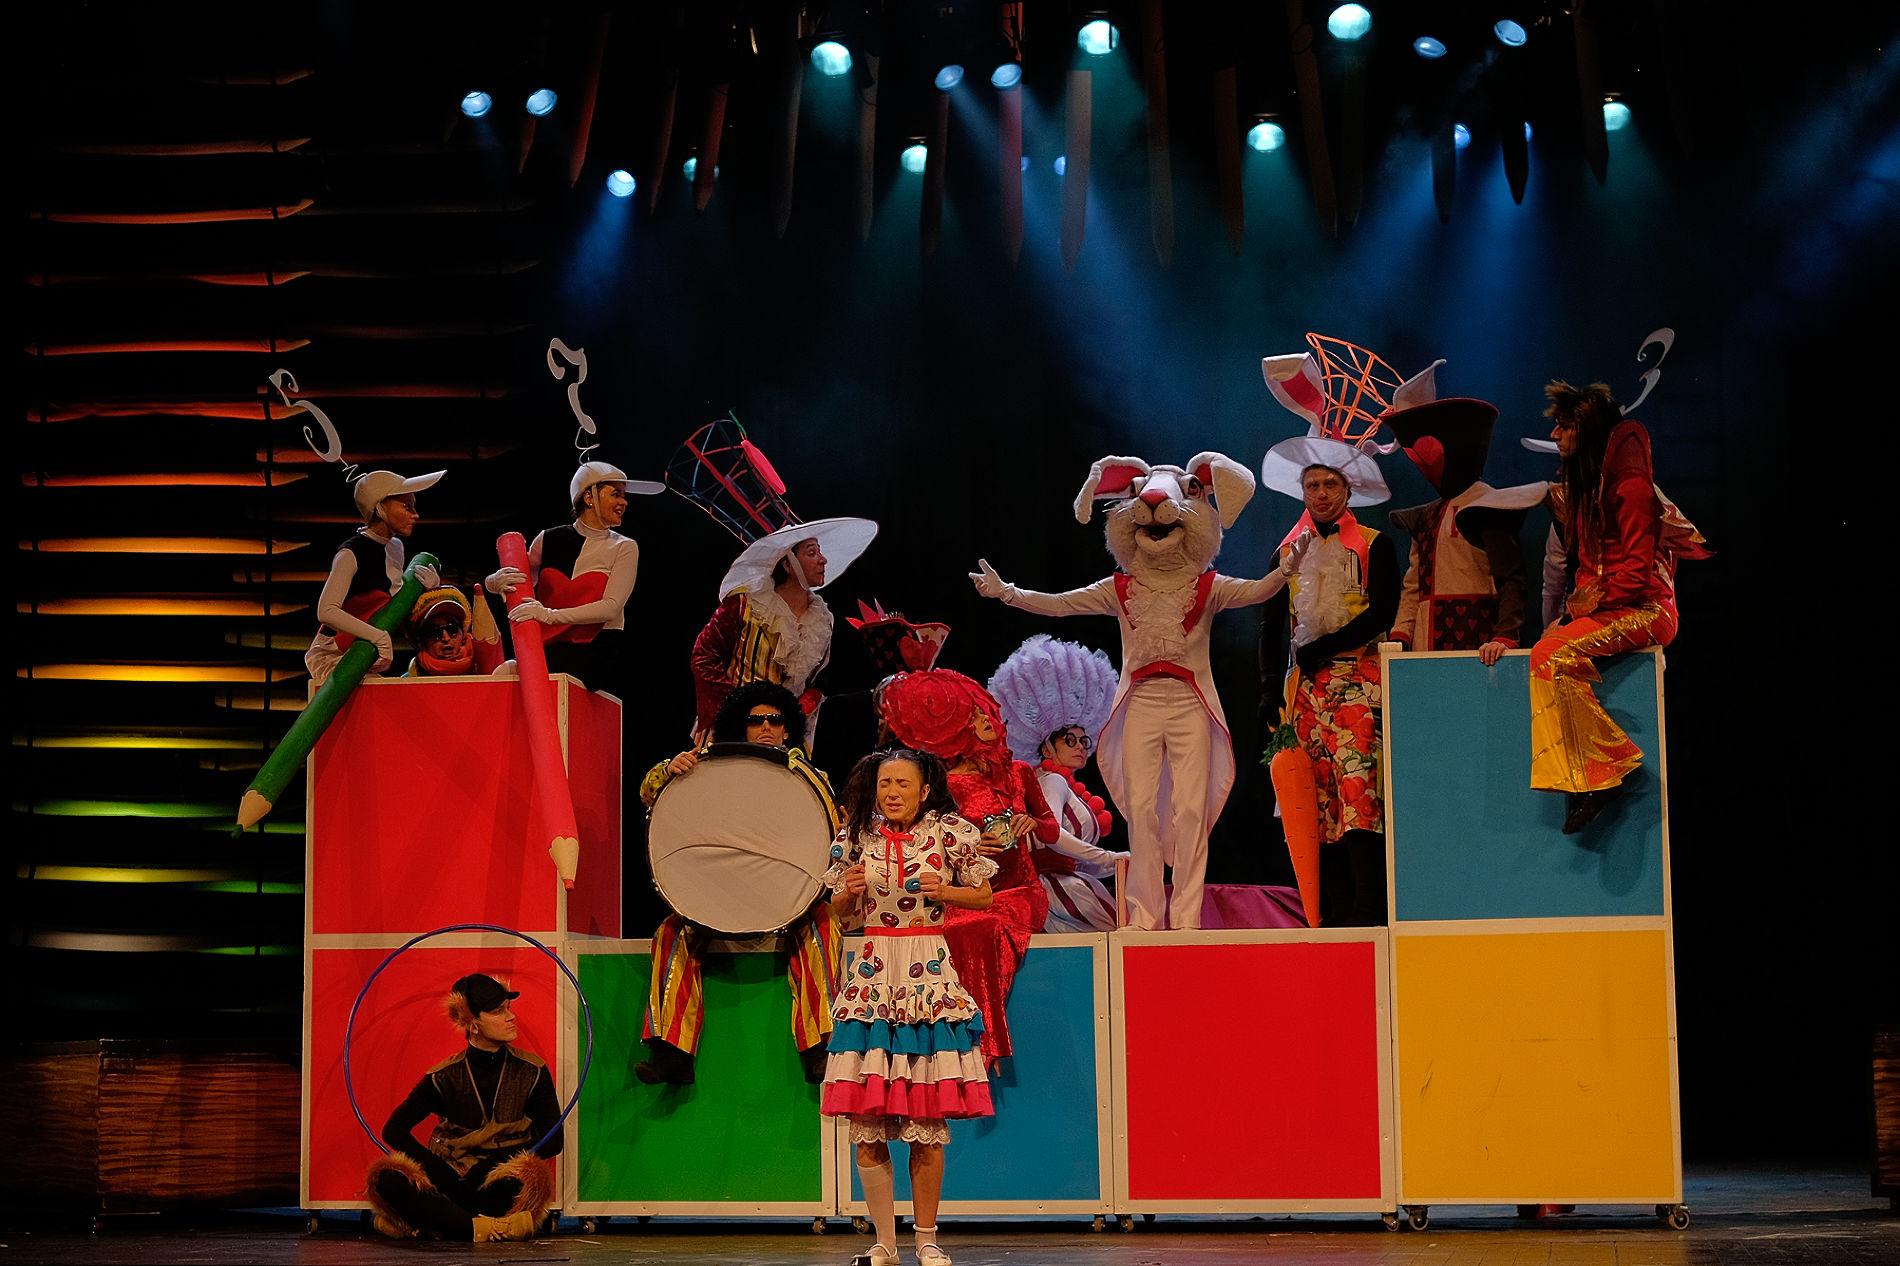 Кадр из спектакля «Алиса в Стране чудес»